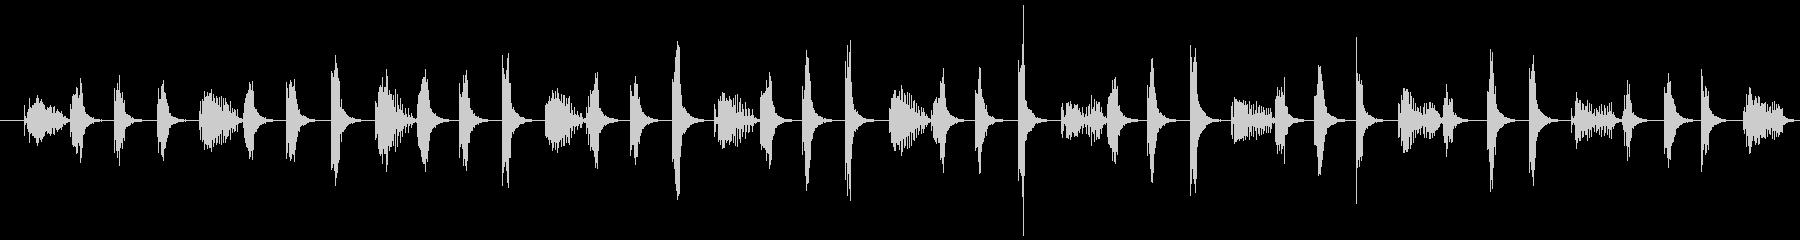 Guiro:Scraping Rh...の未再生の波形